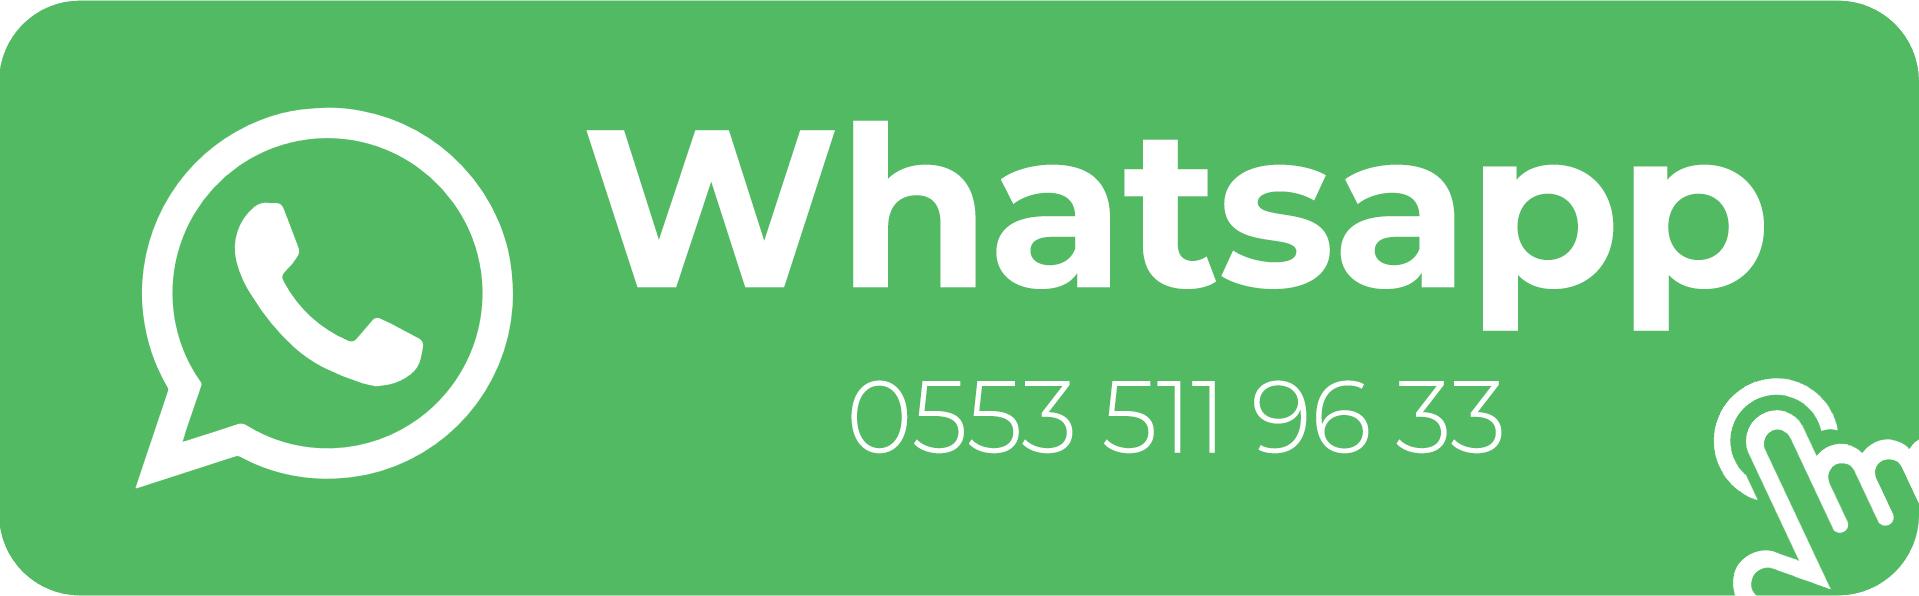 whatsapp-iletisim.png (50 KB)